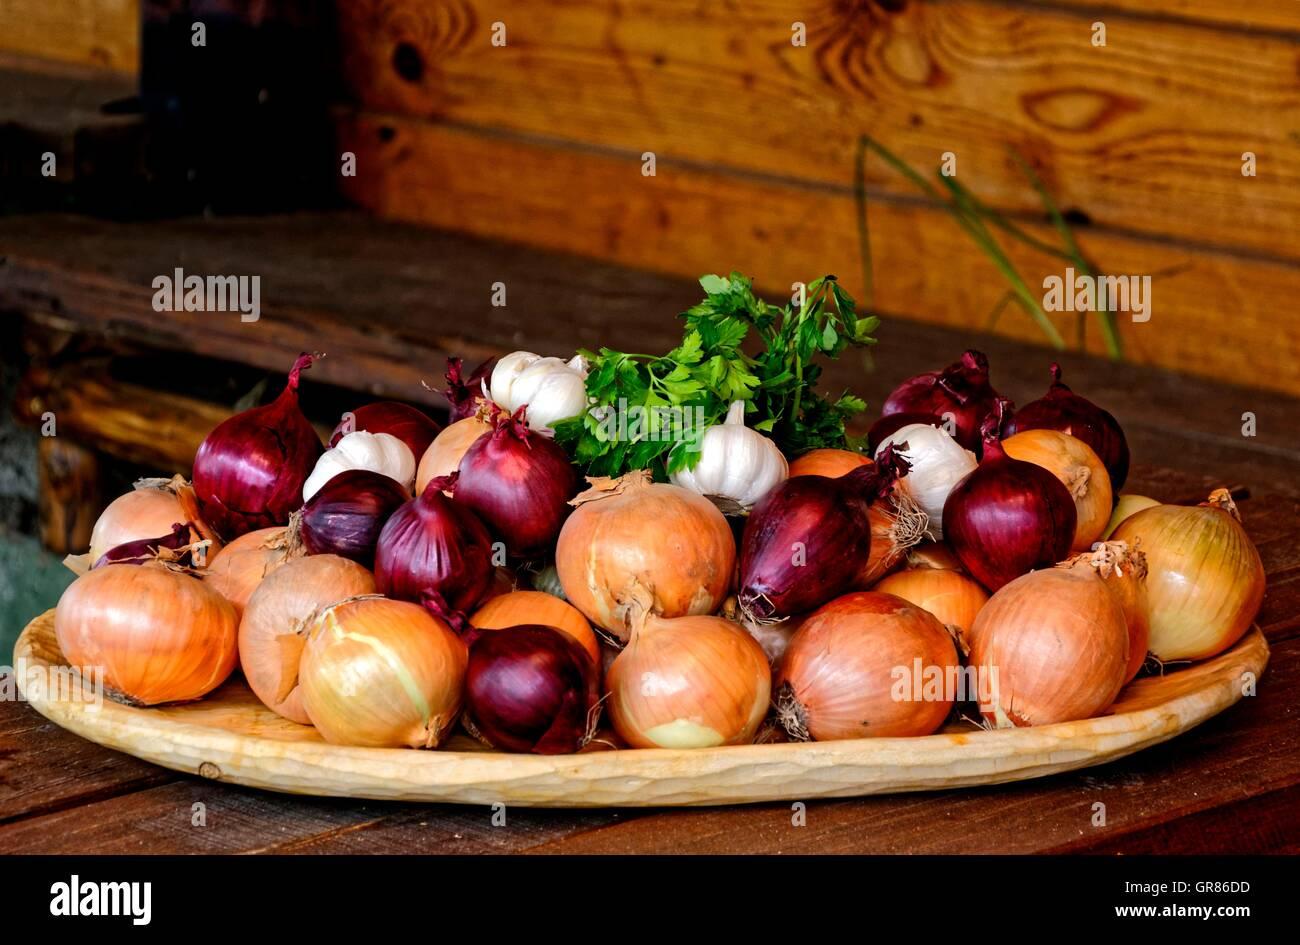 Zwiebel, Allium Cepa, Sorten auf Holzplatte Stockbild